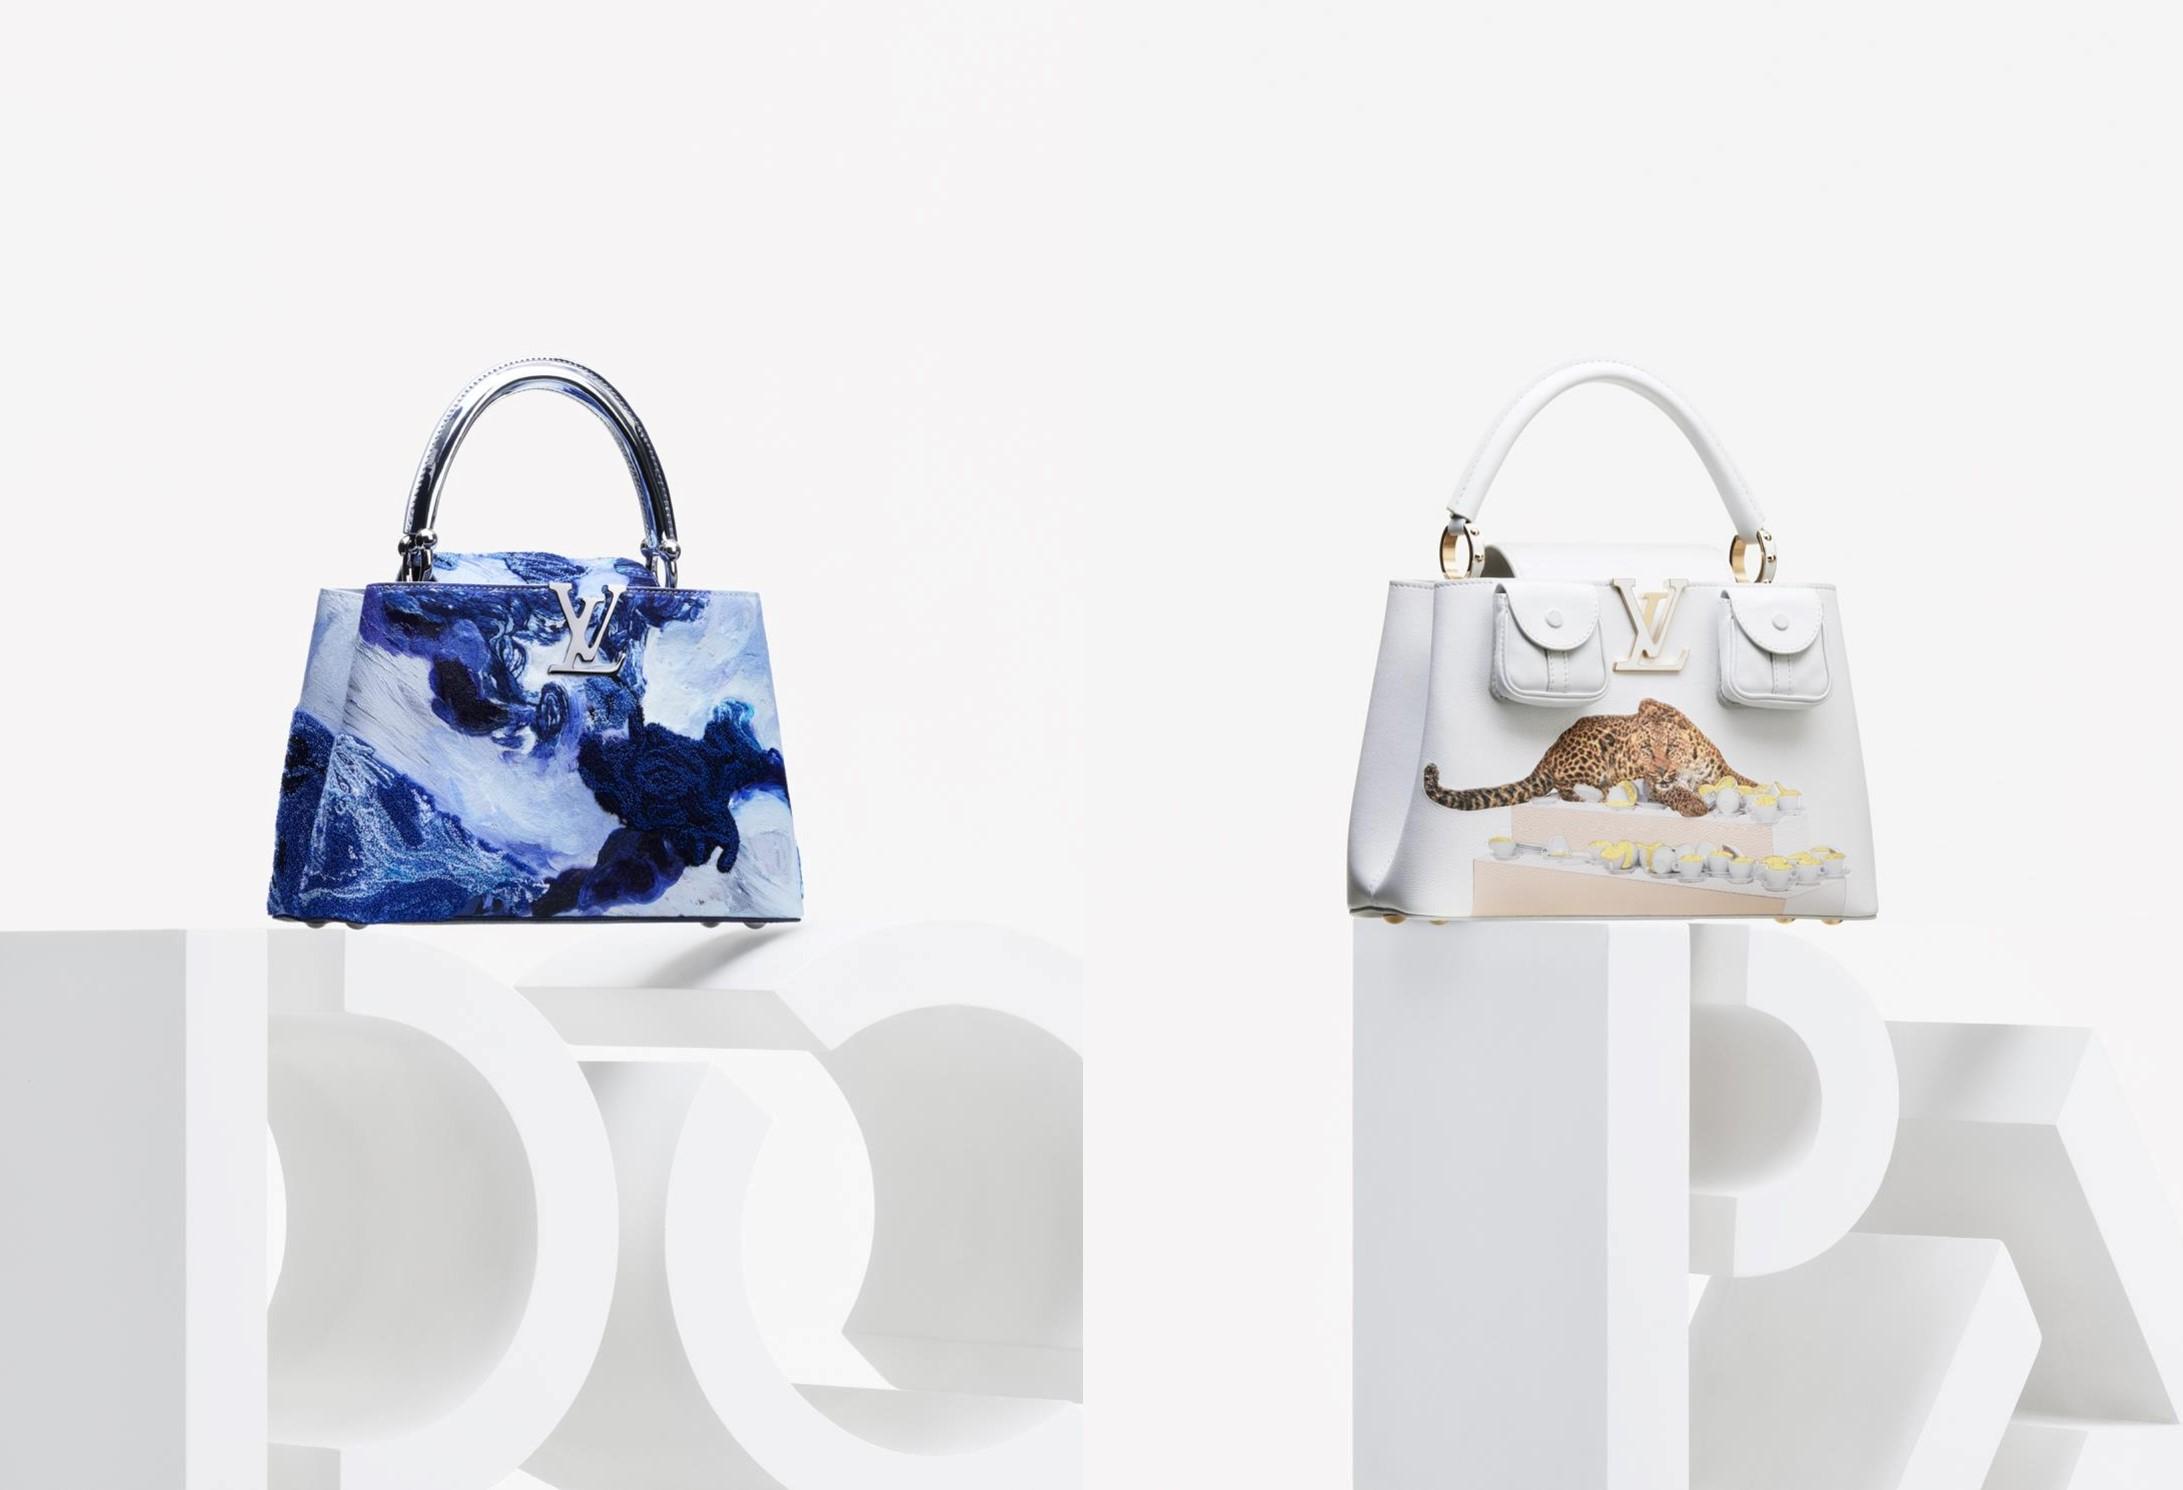 Túi Capucines trong hai phiên bản của Donna Huanca và Paola Pivi. Ảnh: Louis Vuitton